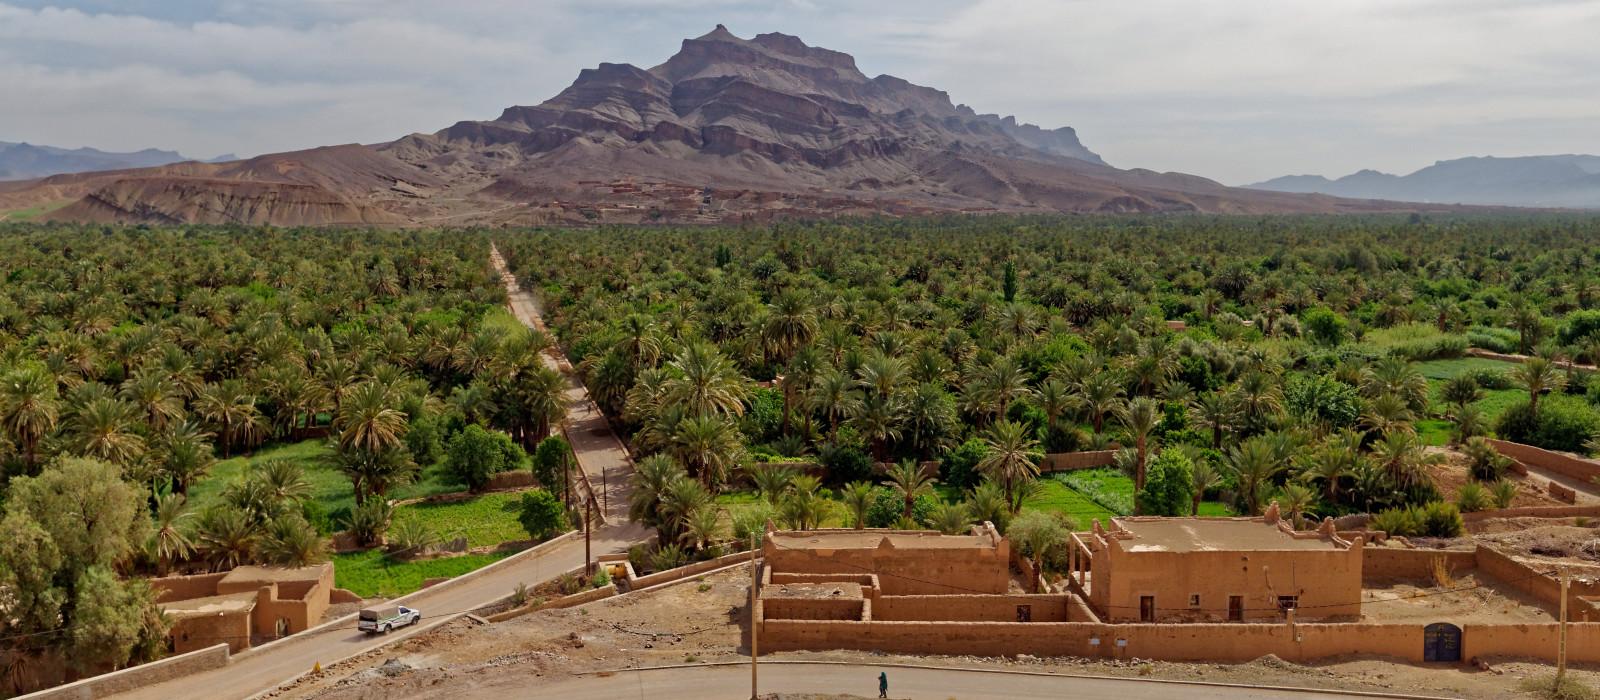 Destination Agdz Morocco